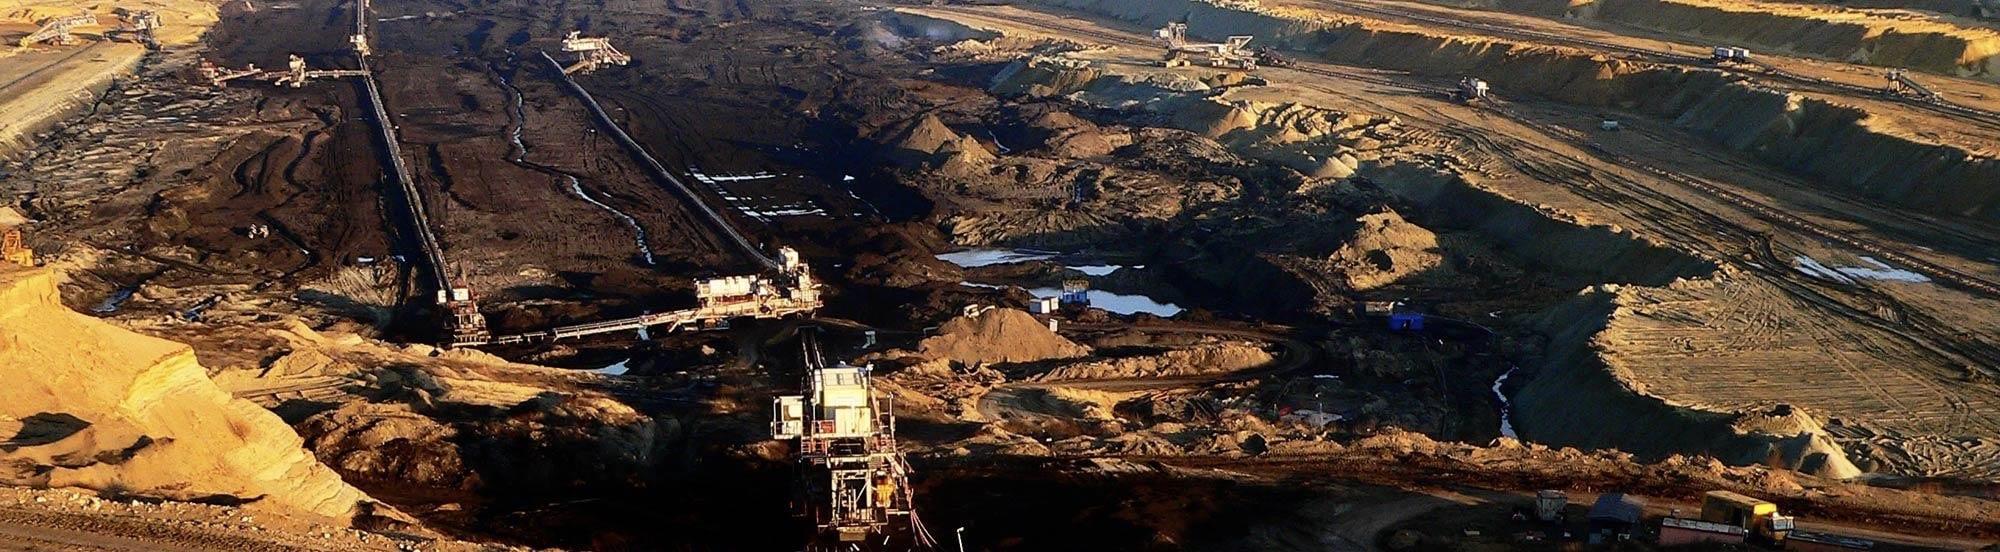 Kina bygger ny global kulindustri, stik imod klimamålene, derfor sætter VedvarendeEnergi fokus på problemet